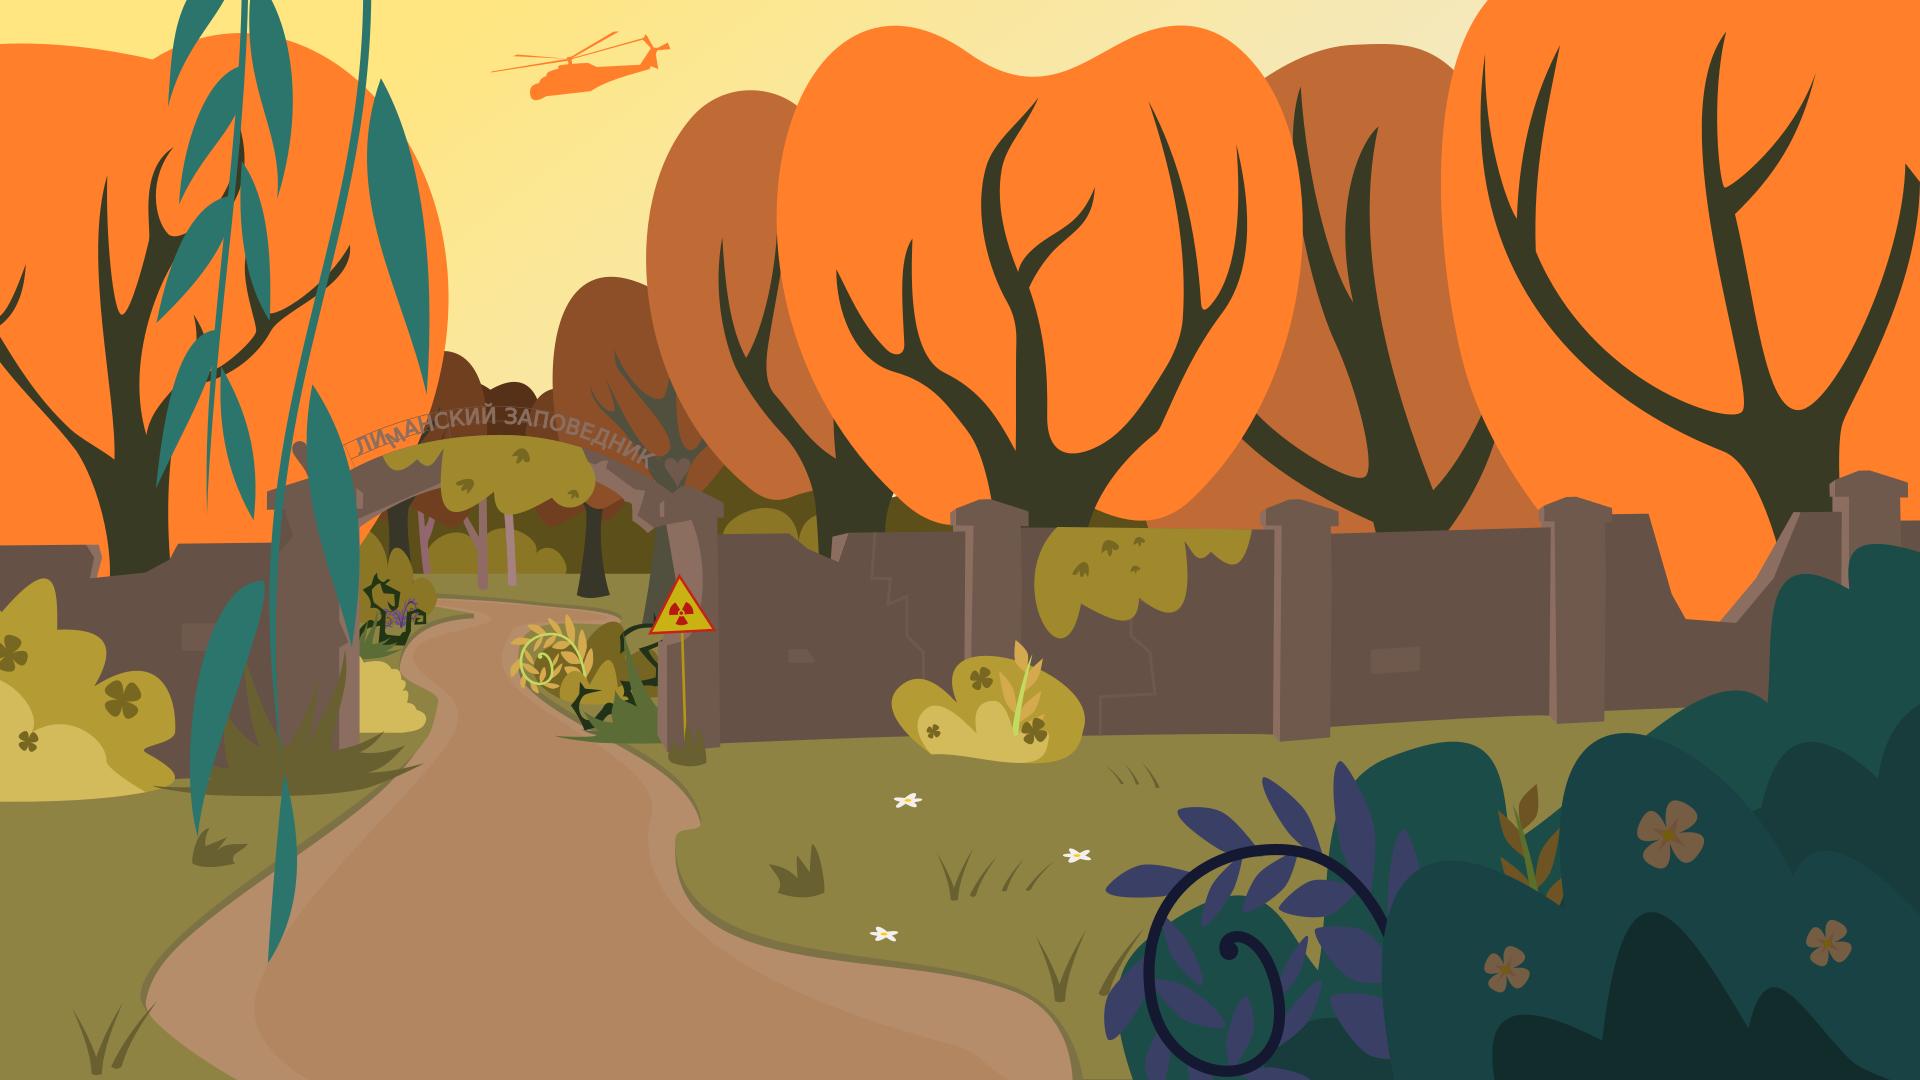 Обои деревья, дорога, сталкер, чернобыль, сталкер, Fan art, птицы, зона. Игры foto 2